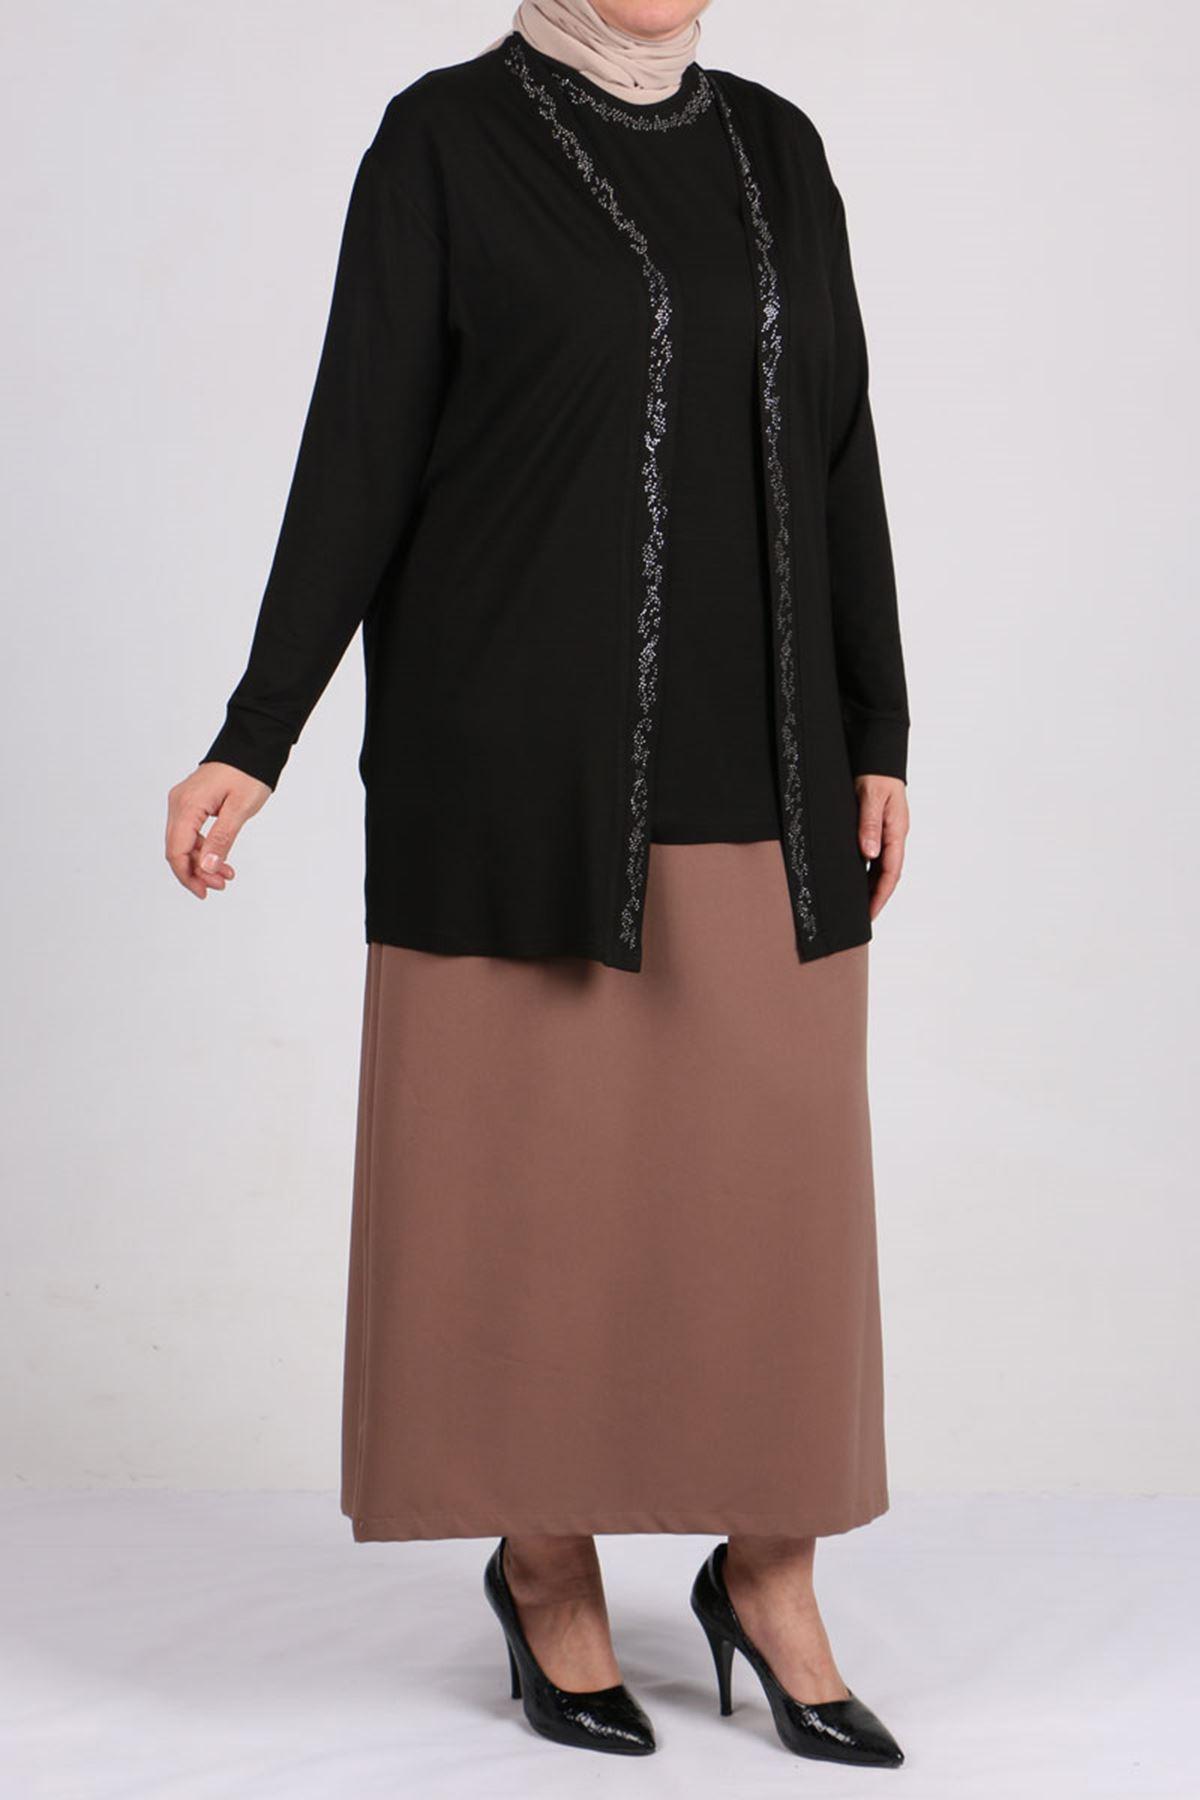 7113 Büyük Beden Taş Baskılı Penye Tunik-Ceket Takım Siyah